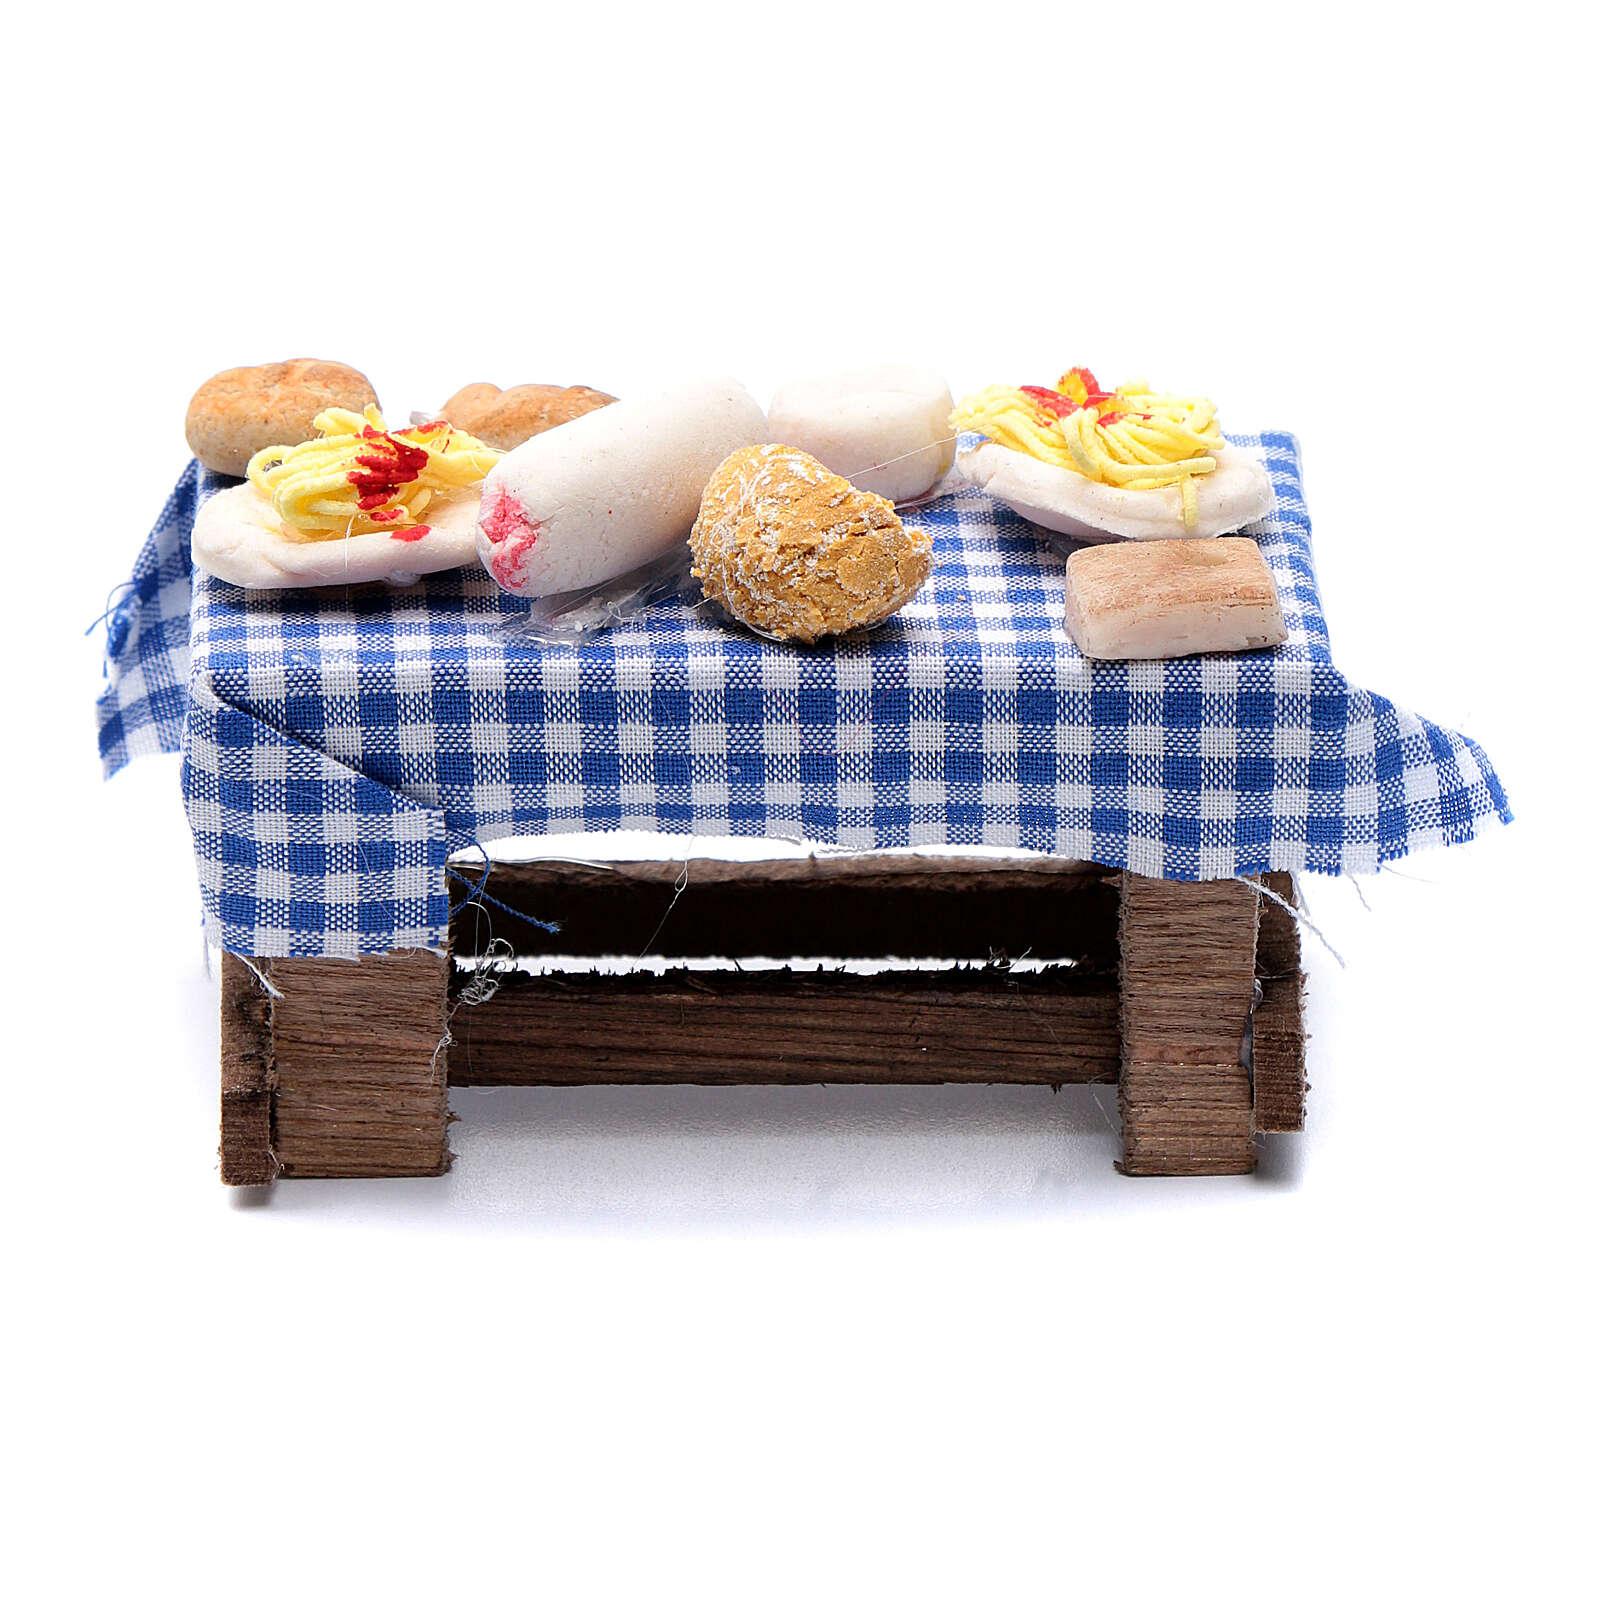 Mesa com comida presépio napolitano 5x10x5 cm 4